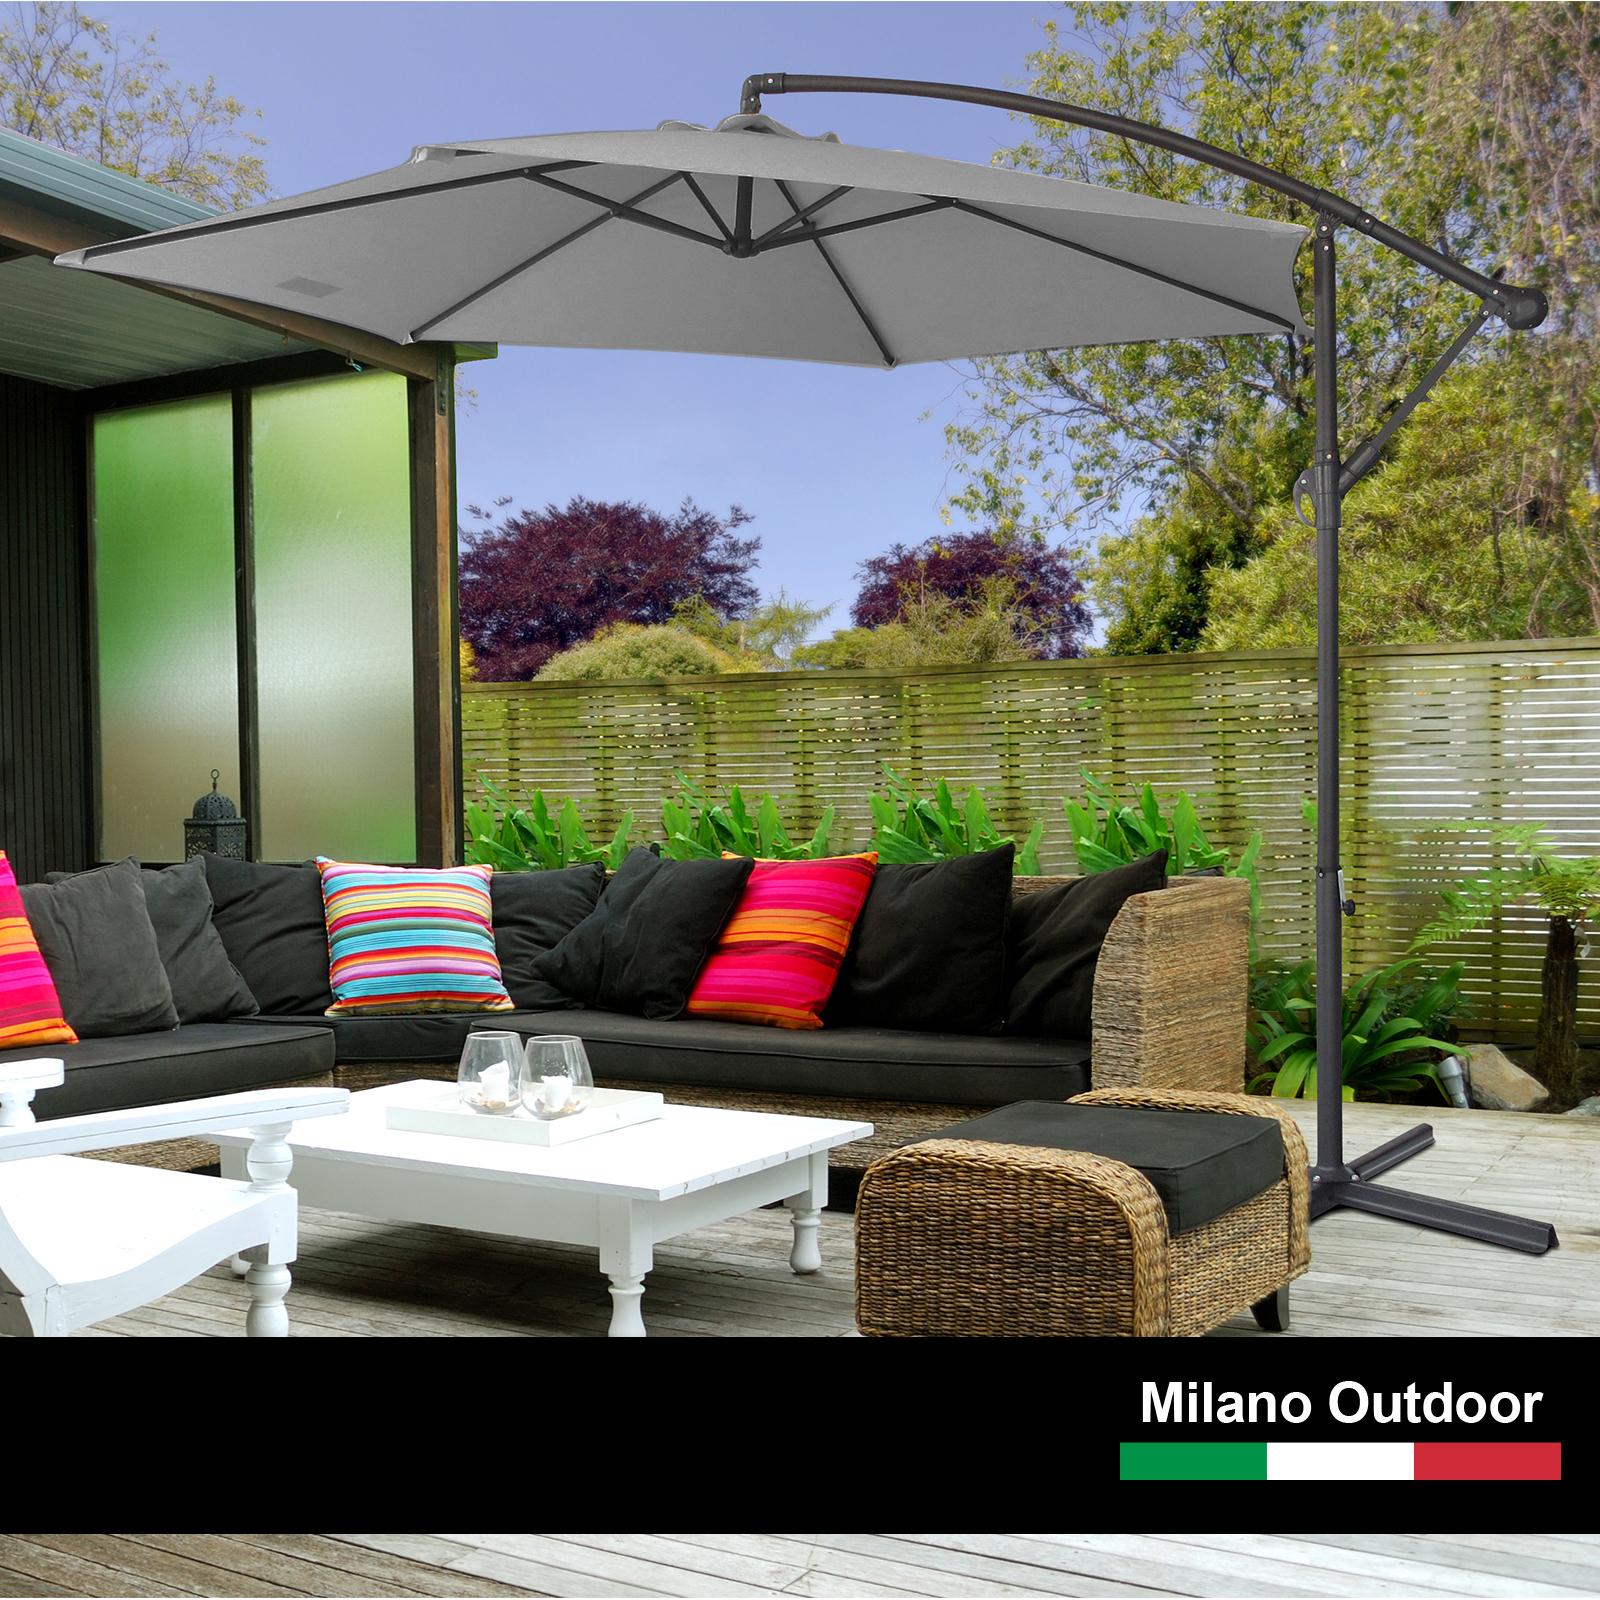 thumbnail 42 - Milano Outdoor 3 Metre Cantilever Umbrella UV Sunshade Garden Patio Deck